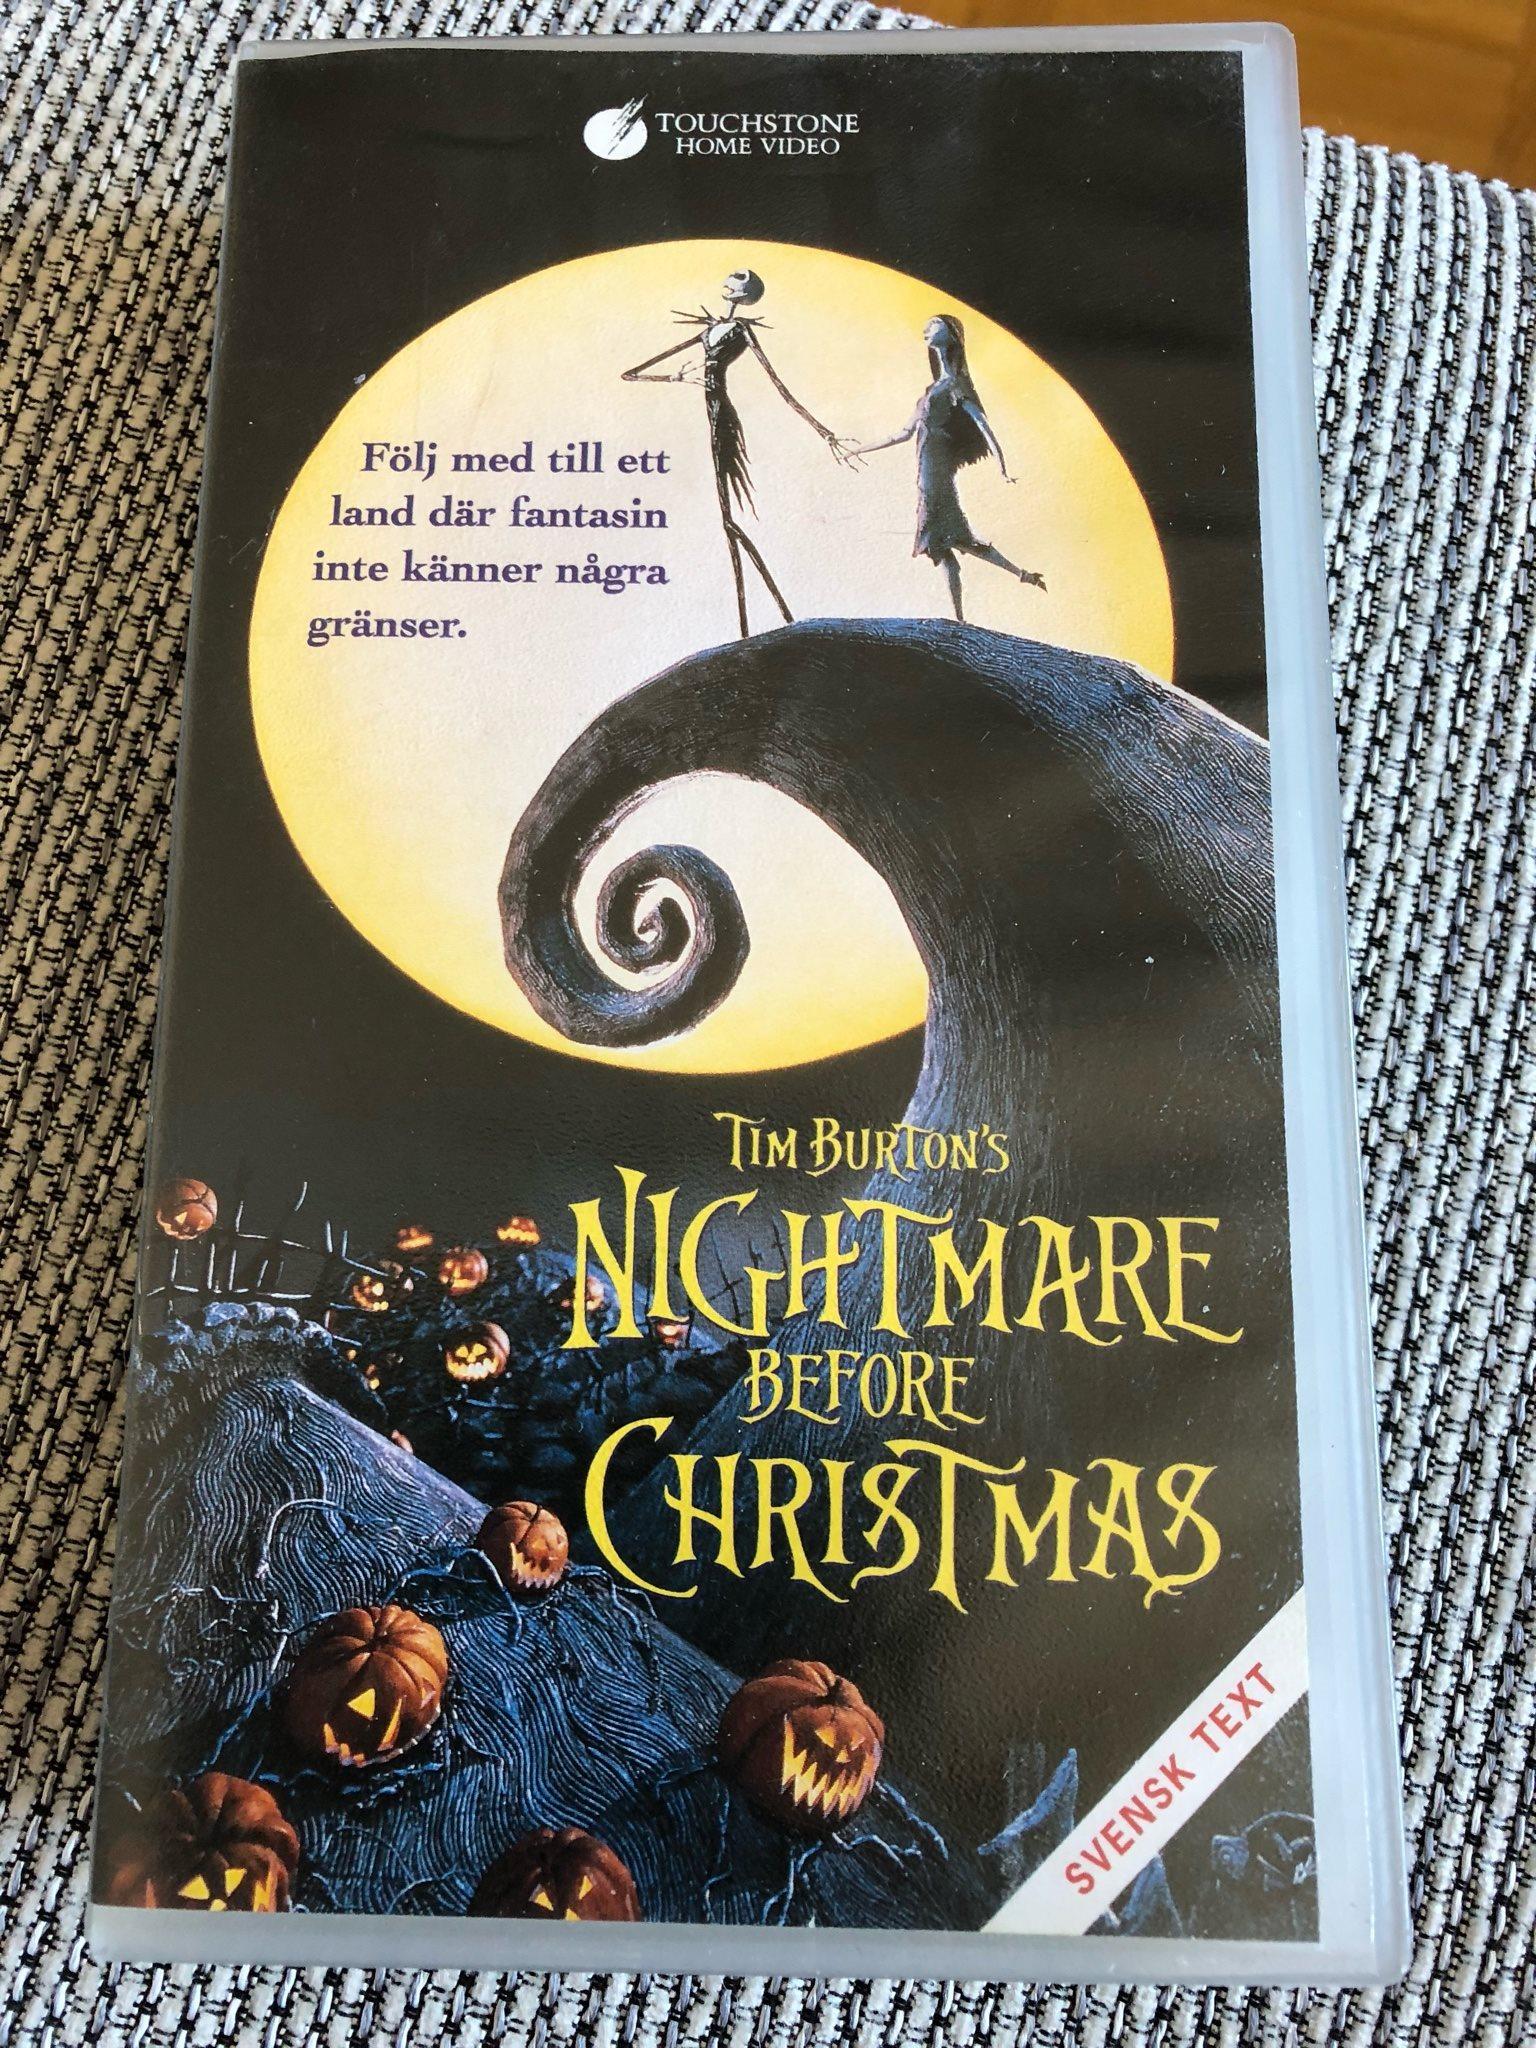 VHS Nightmare before christmas Tim Burton (323977943) ᐈ Köp på Tradera